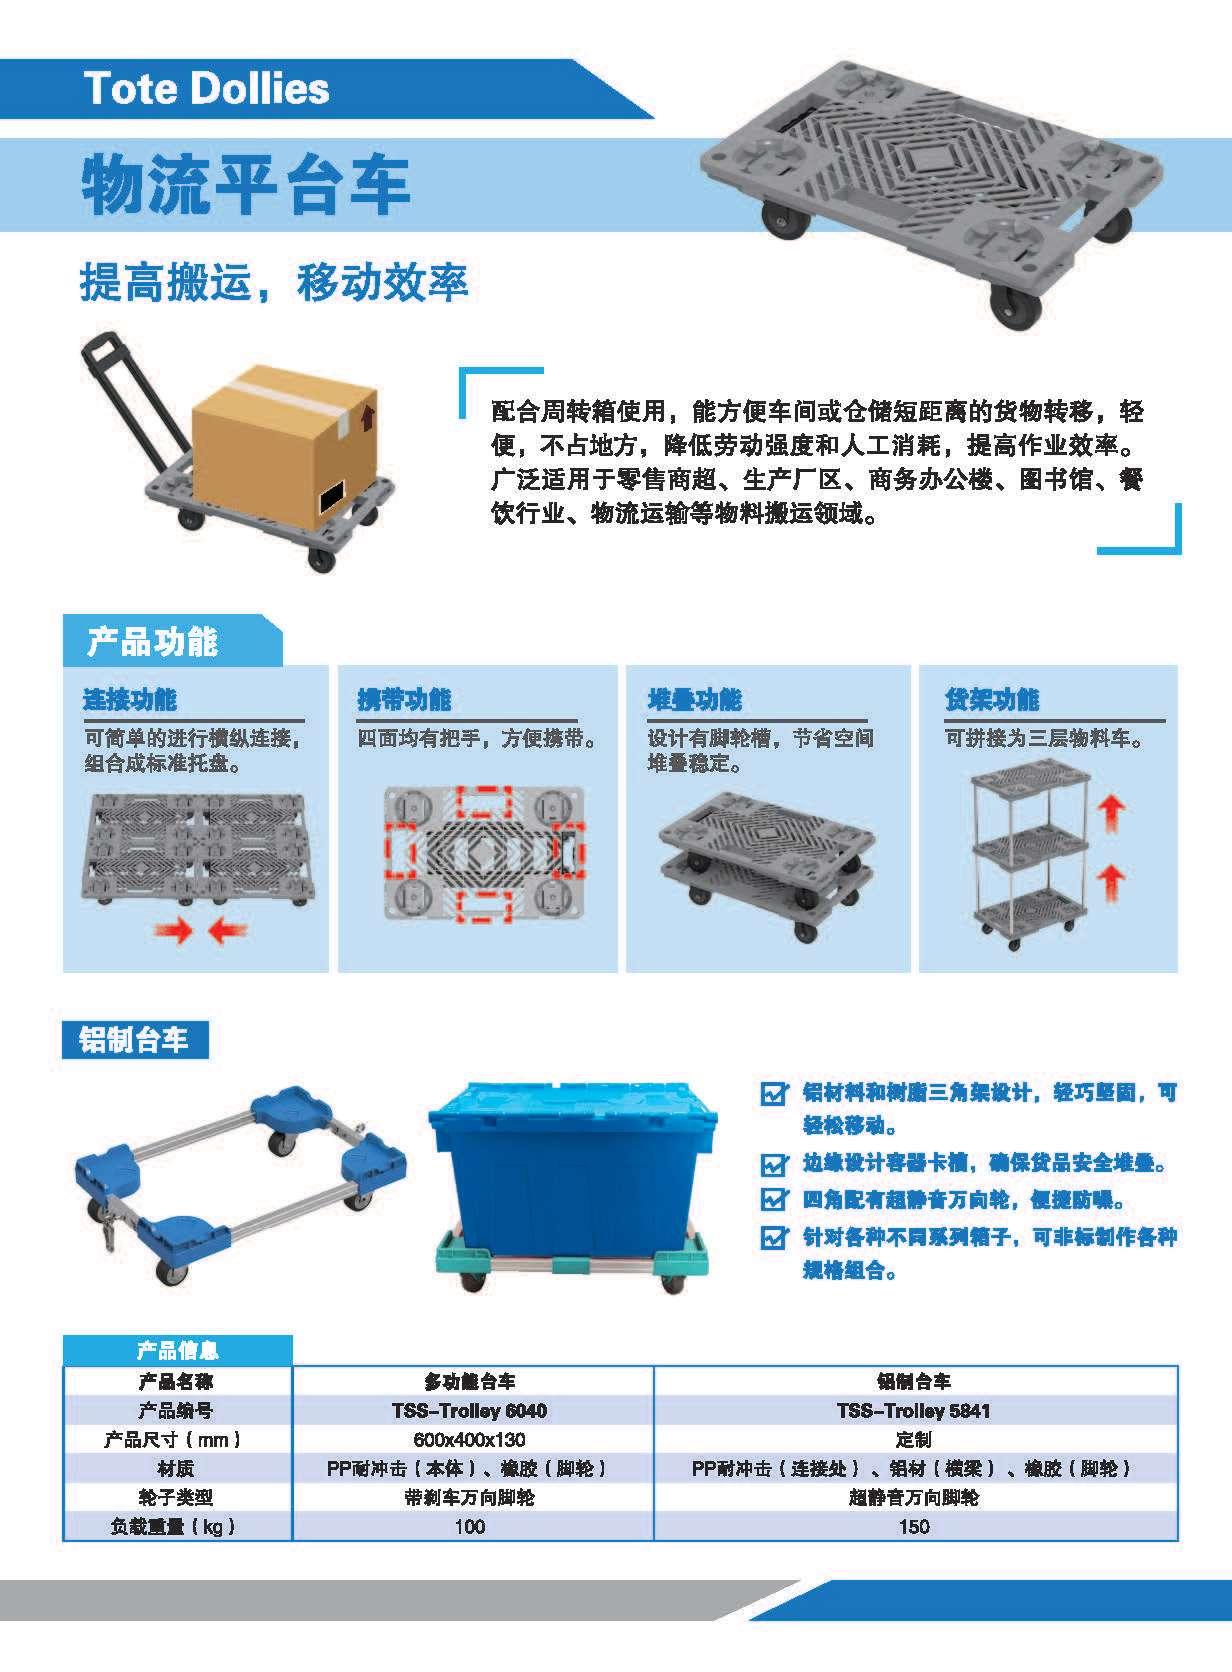 塑料单元化集装器具产品手册-中文_页面_5.jpg